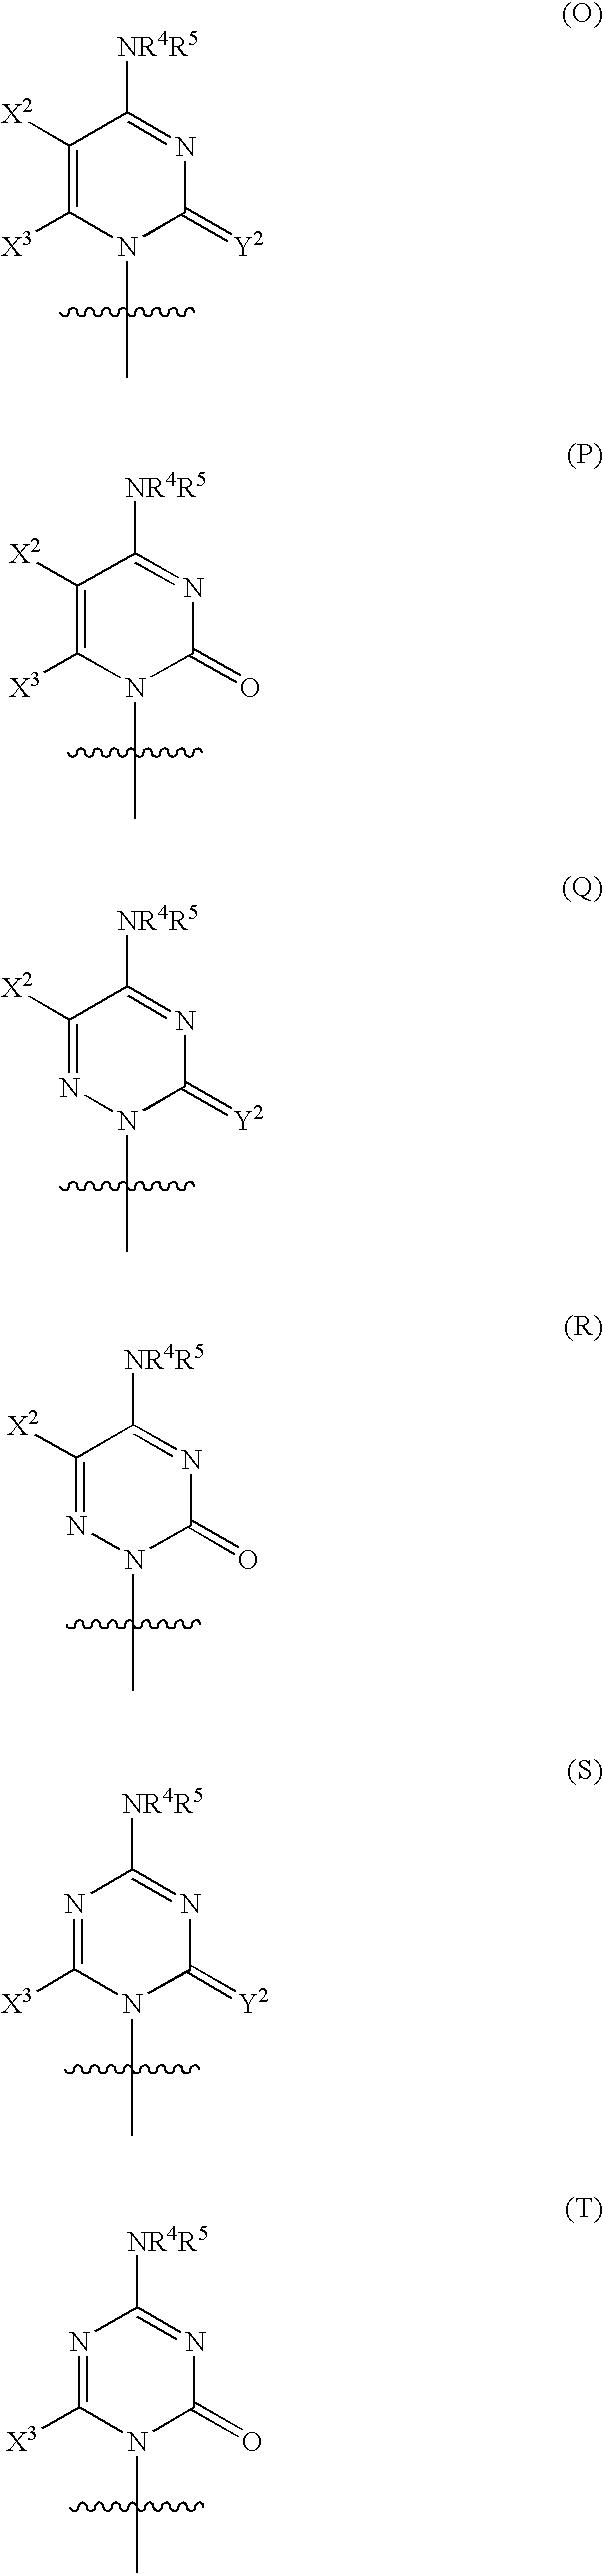 Figure US07608600-20091027-C00030